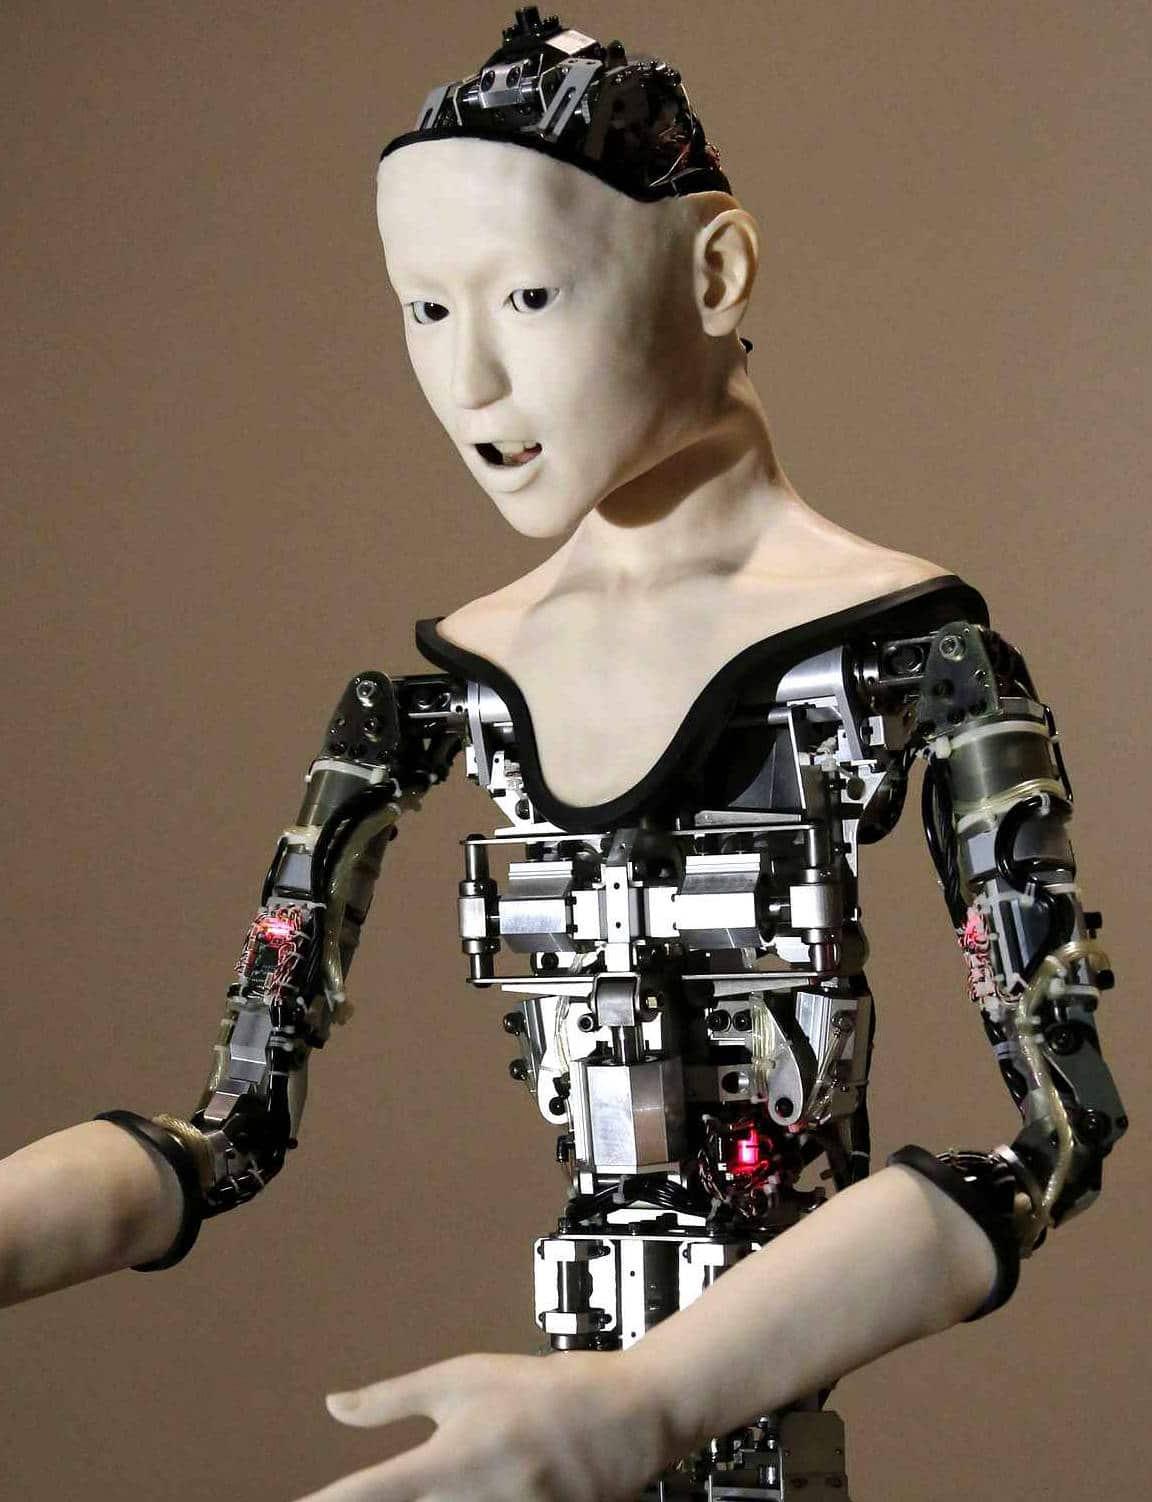 Les caractéristiques de l'humanoïde Alter